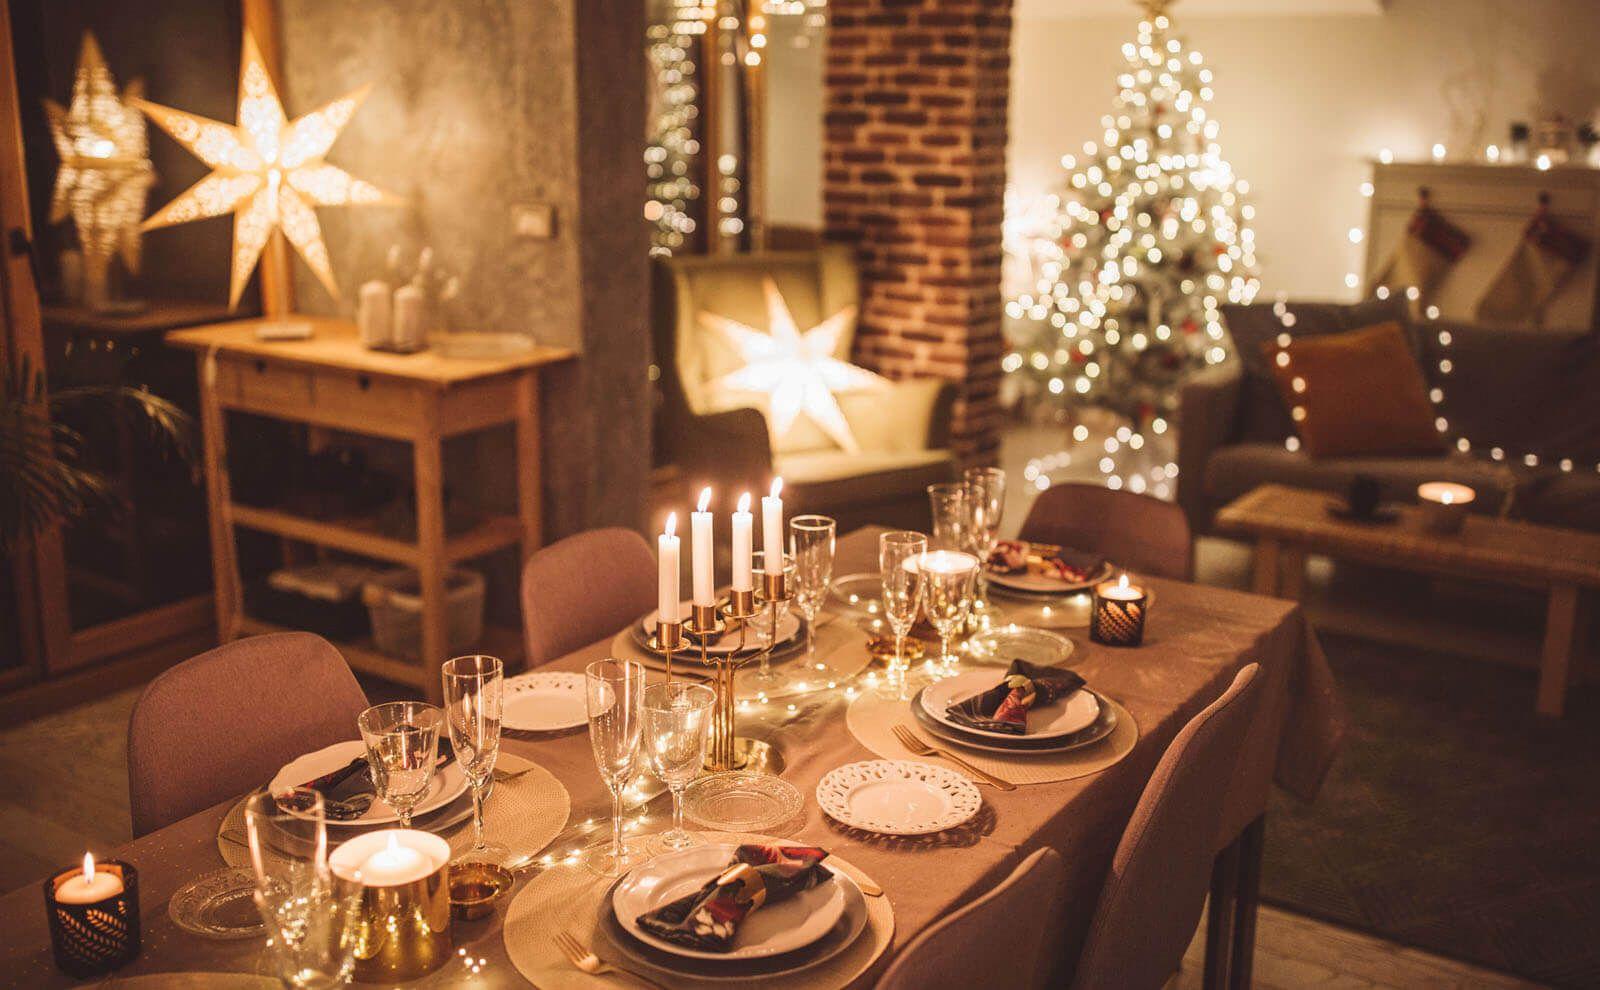 Esstisch und Weihnachtsbaum beleuchtet